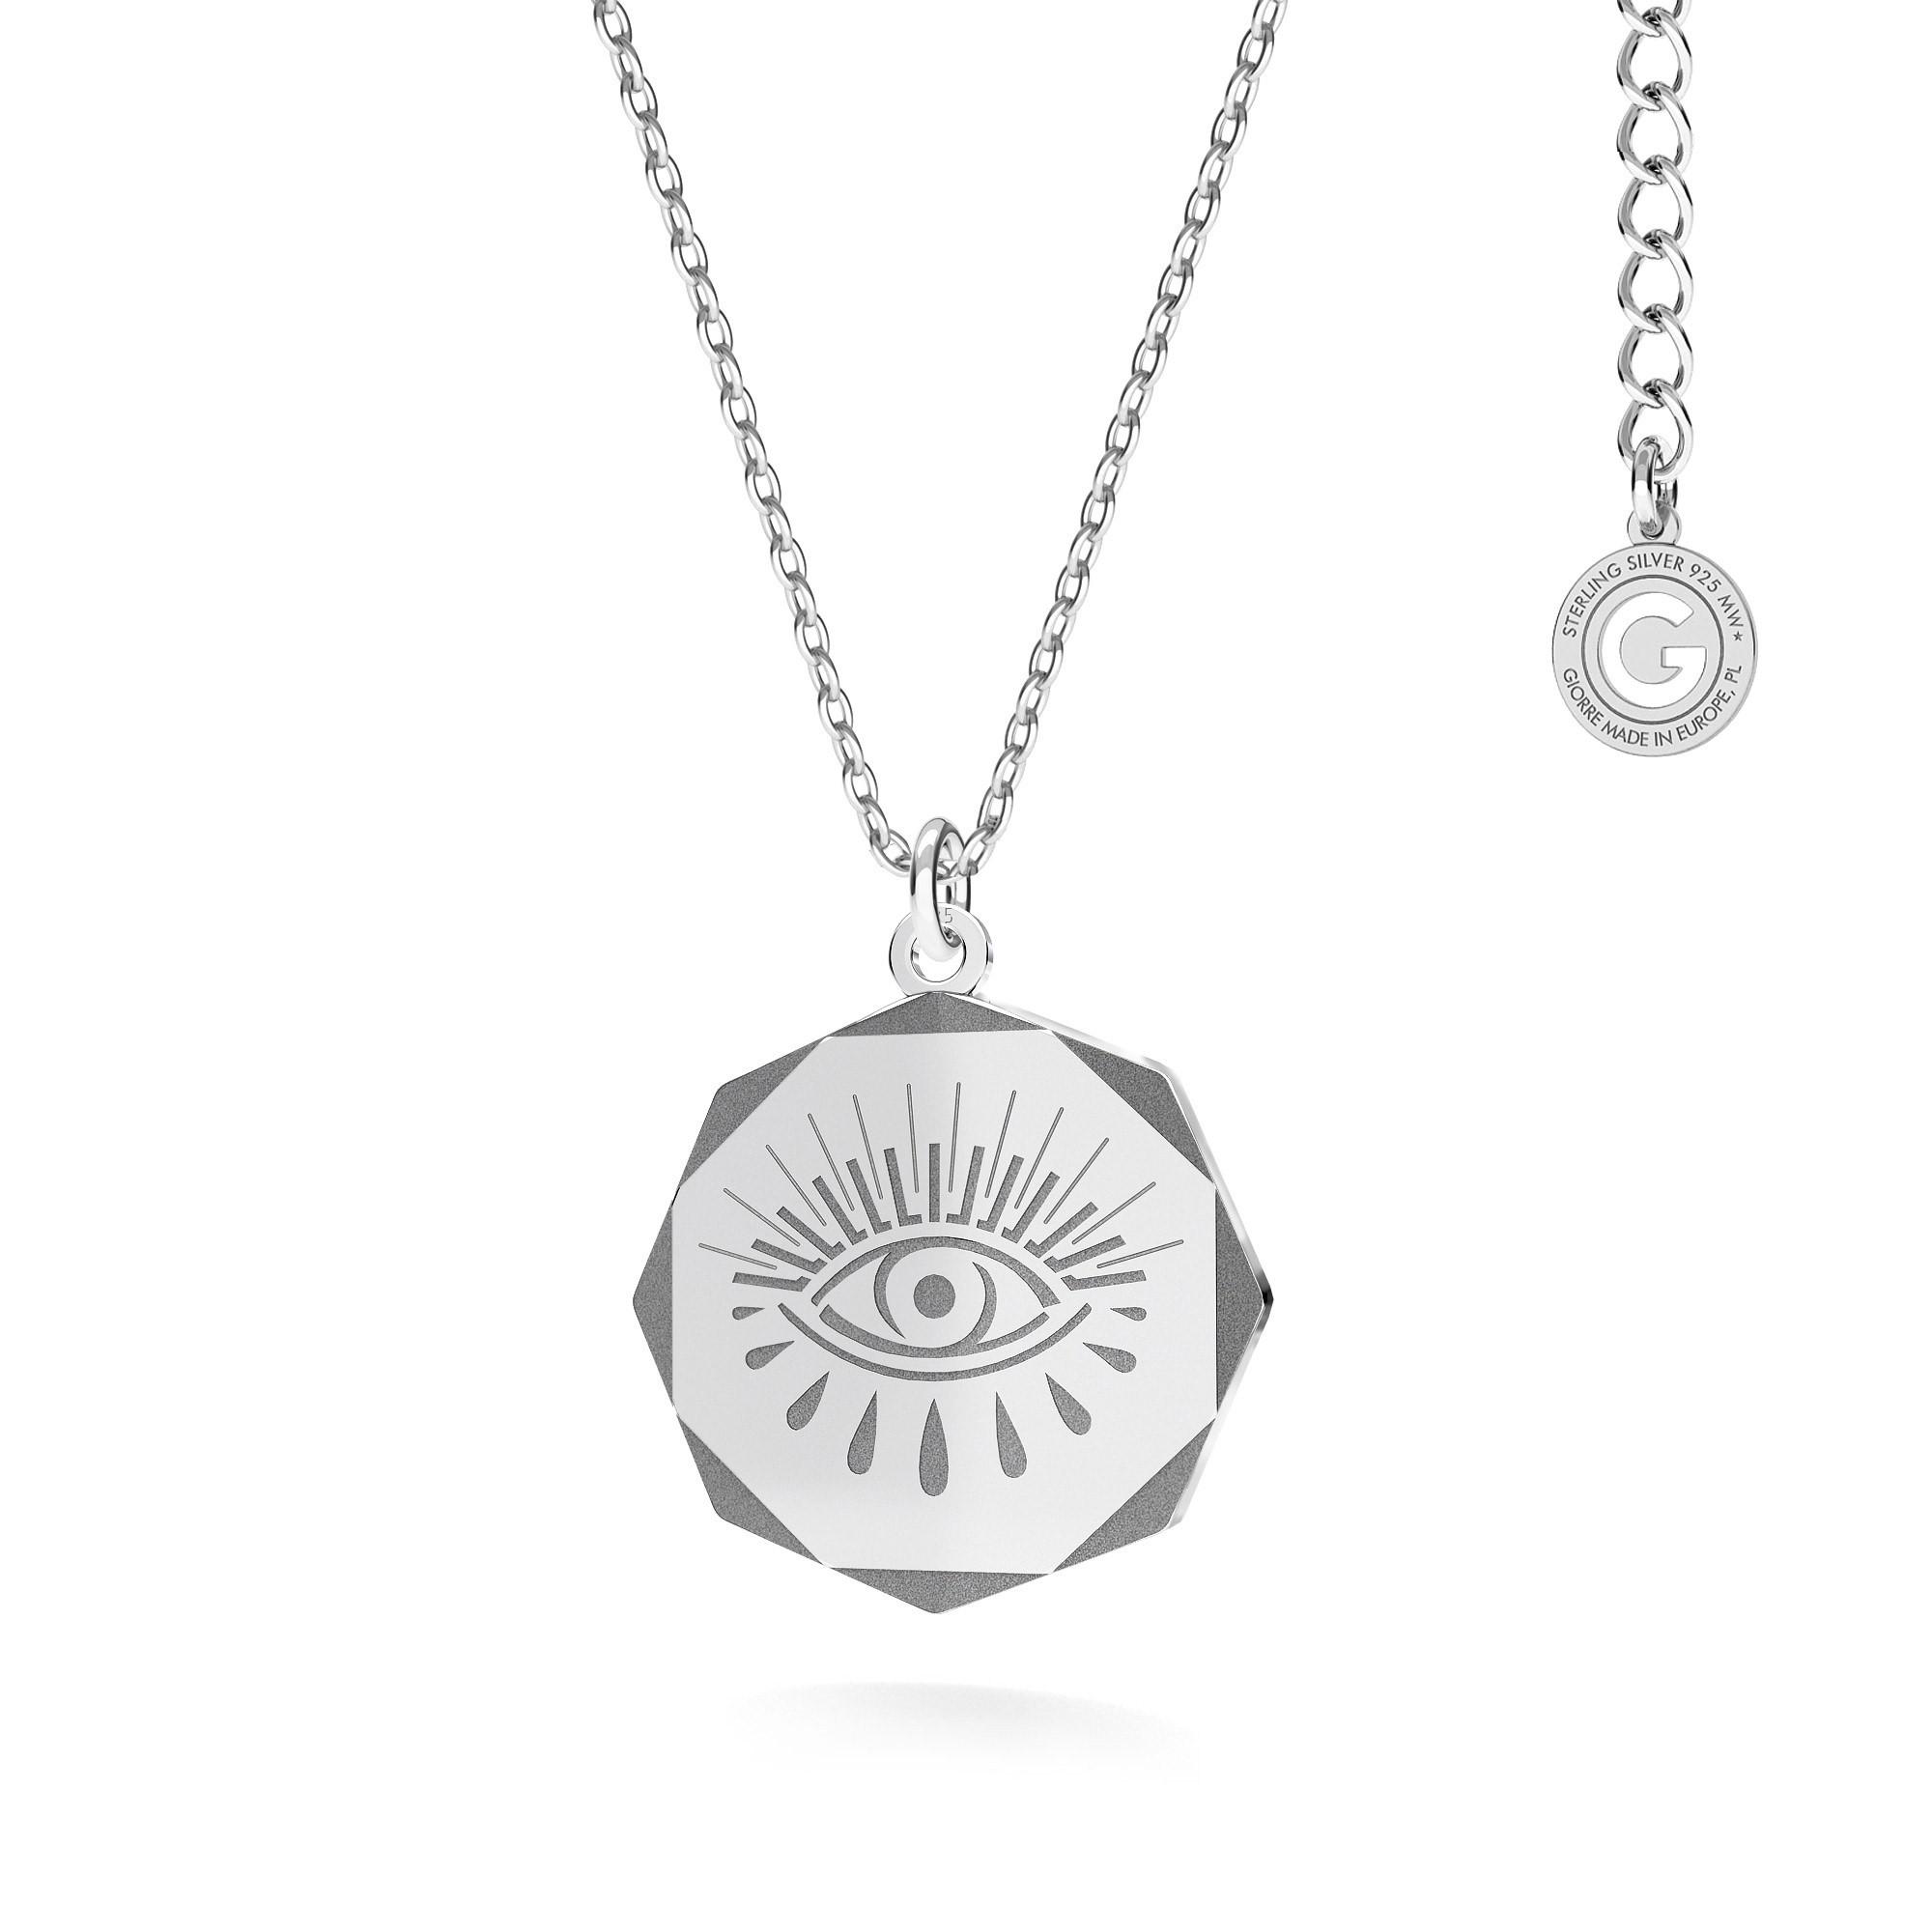 Naszyjnik medalion Hamsa MON DÉFI srebro 925